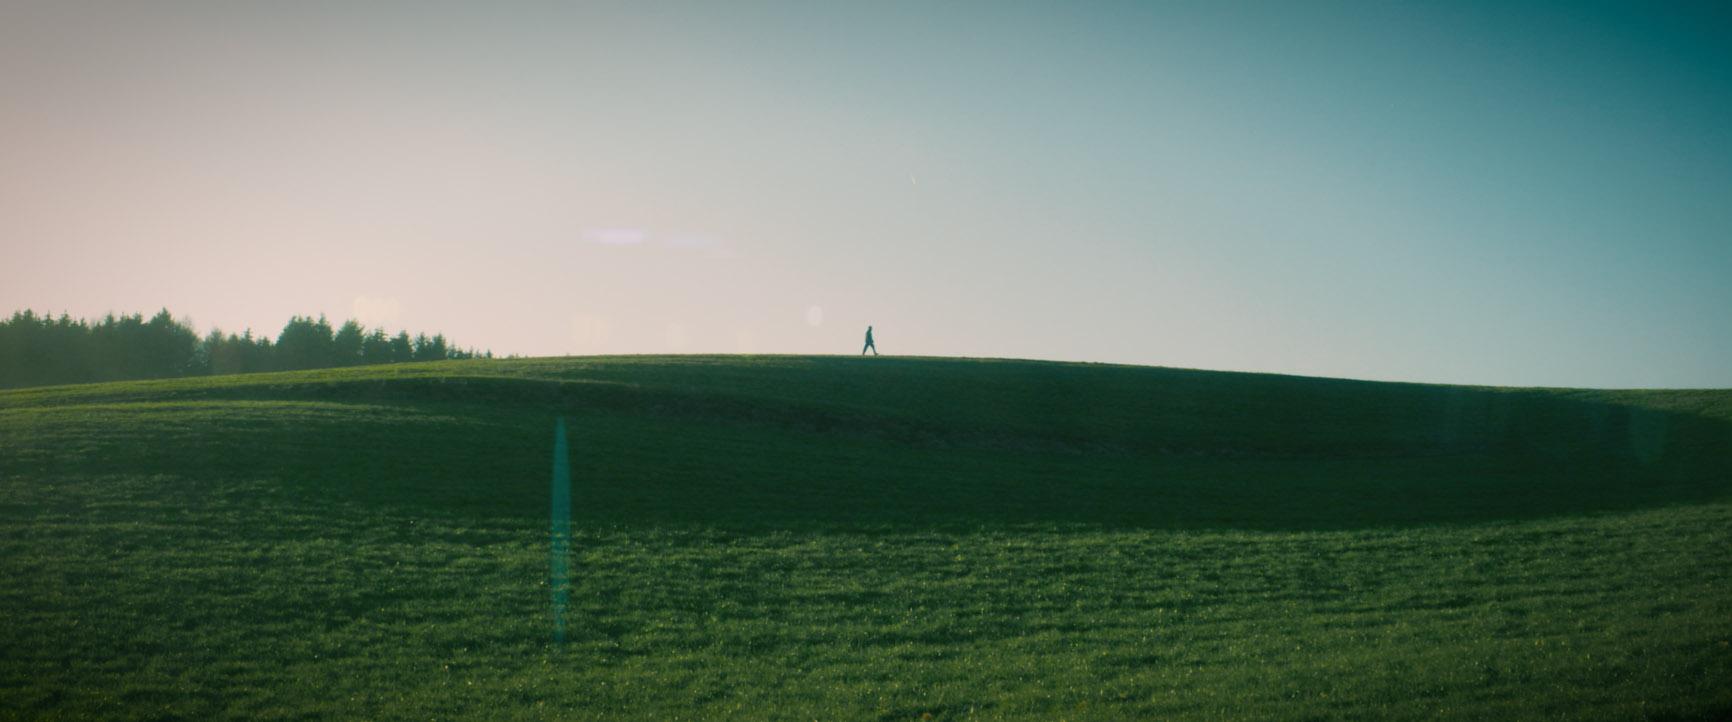 Weites Feld mit einer Person Musikvideo zum Lied Rosengarten